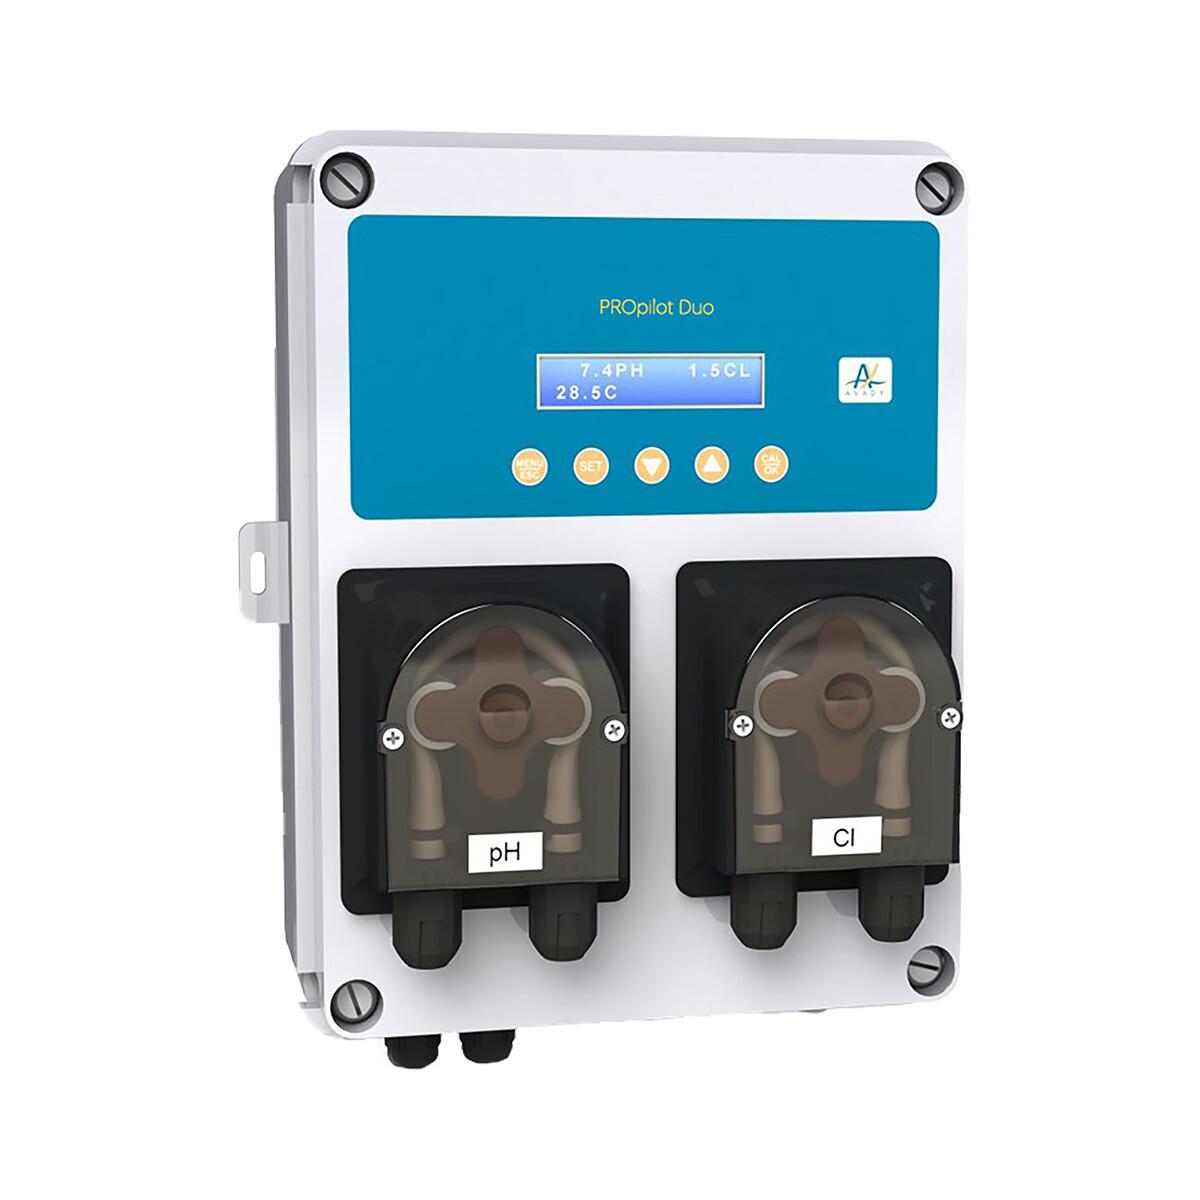 Smart Wasseraufbereitungssystem PROpilot Duo pH Redox, 1,5l/h pH Minus und Chlordosierung, inkl. 2 in 1 Sensorhalter, d50 & d63